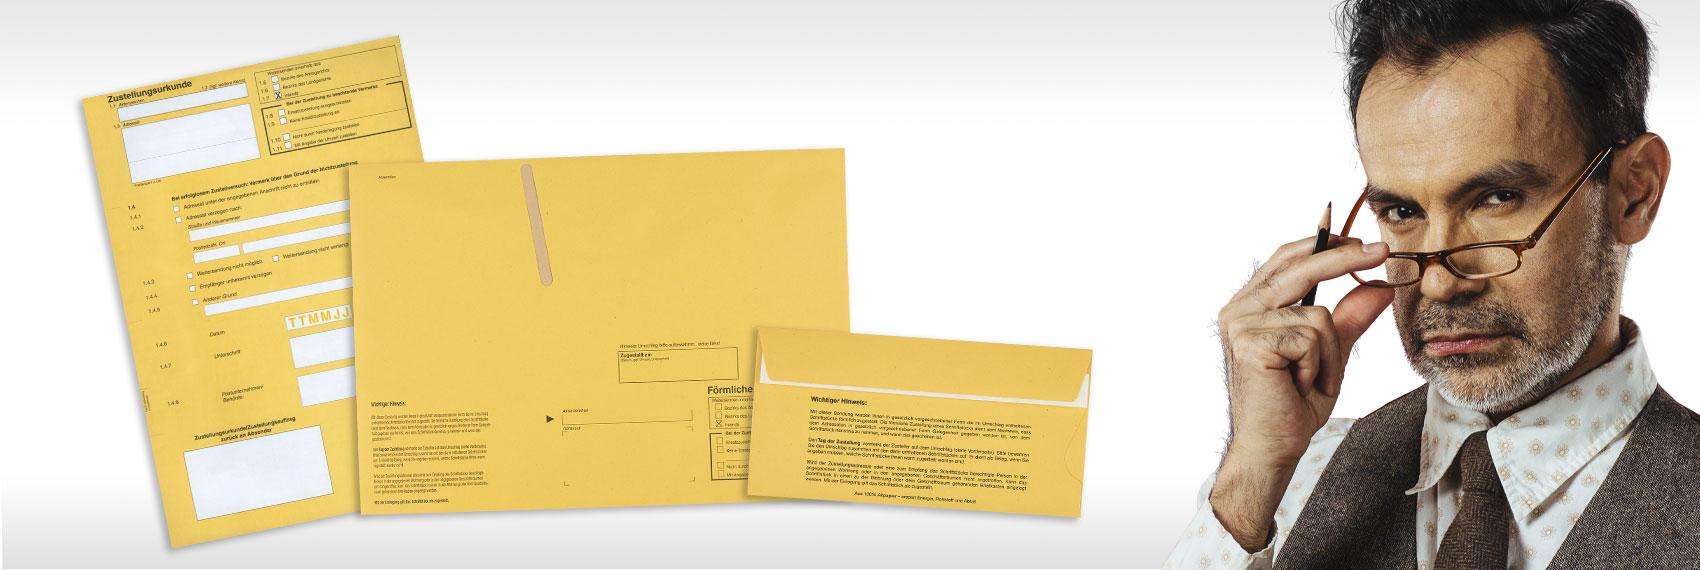 Briefhüllen für rechtswirksame Zustellung